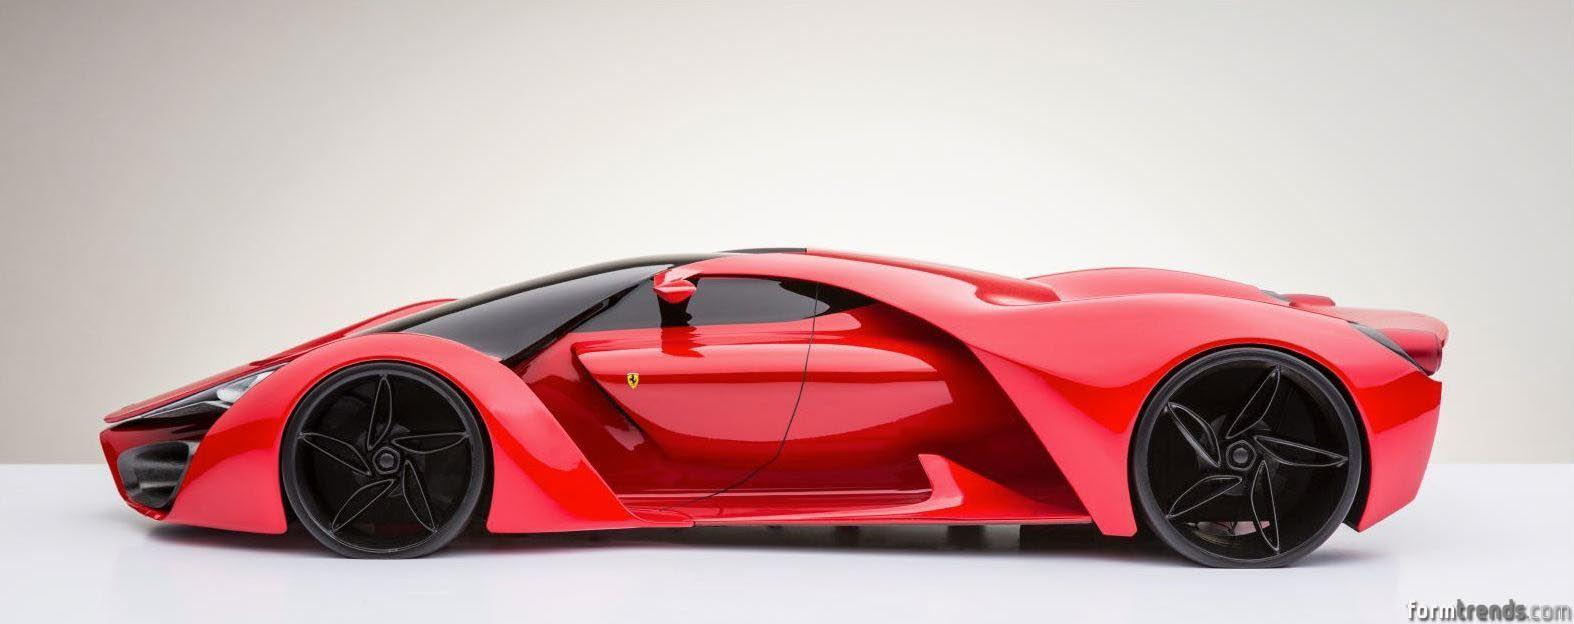 Latest Model Of Ferrari 2014 · SportsFerrariCars